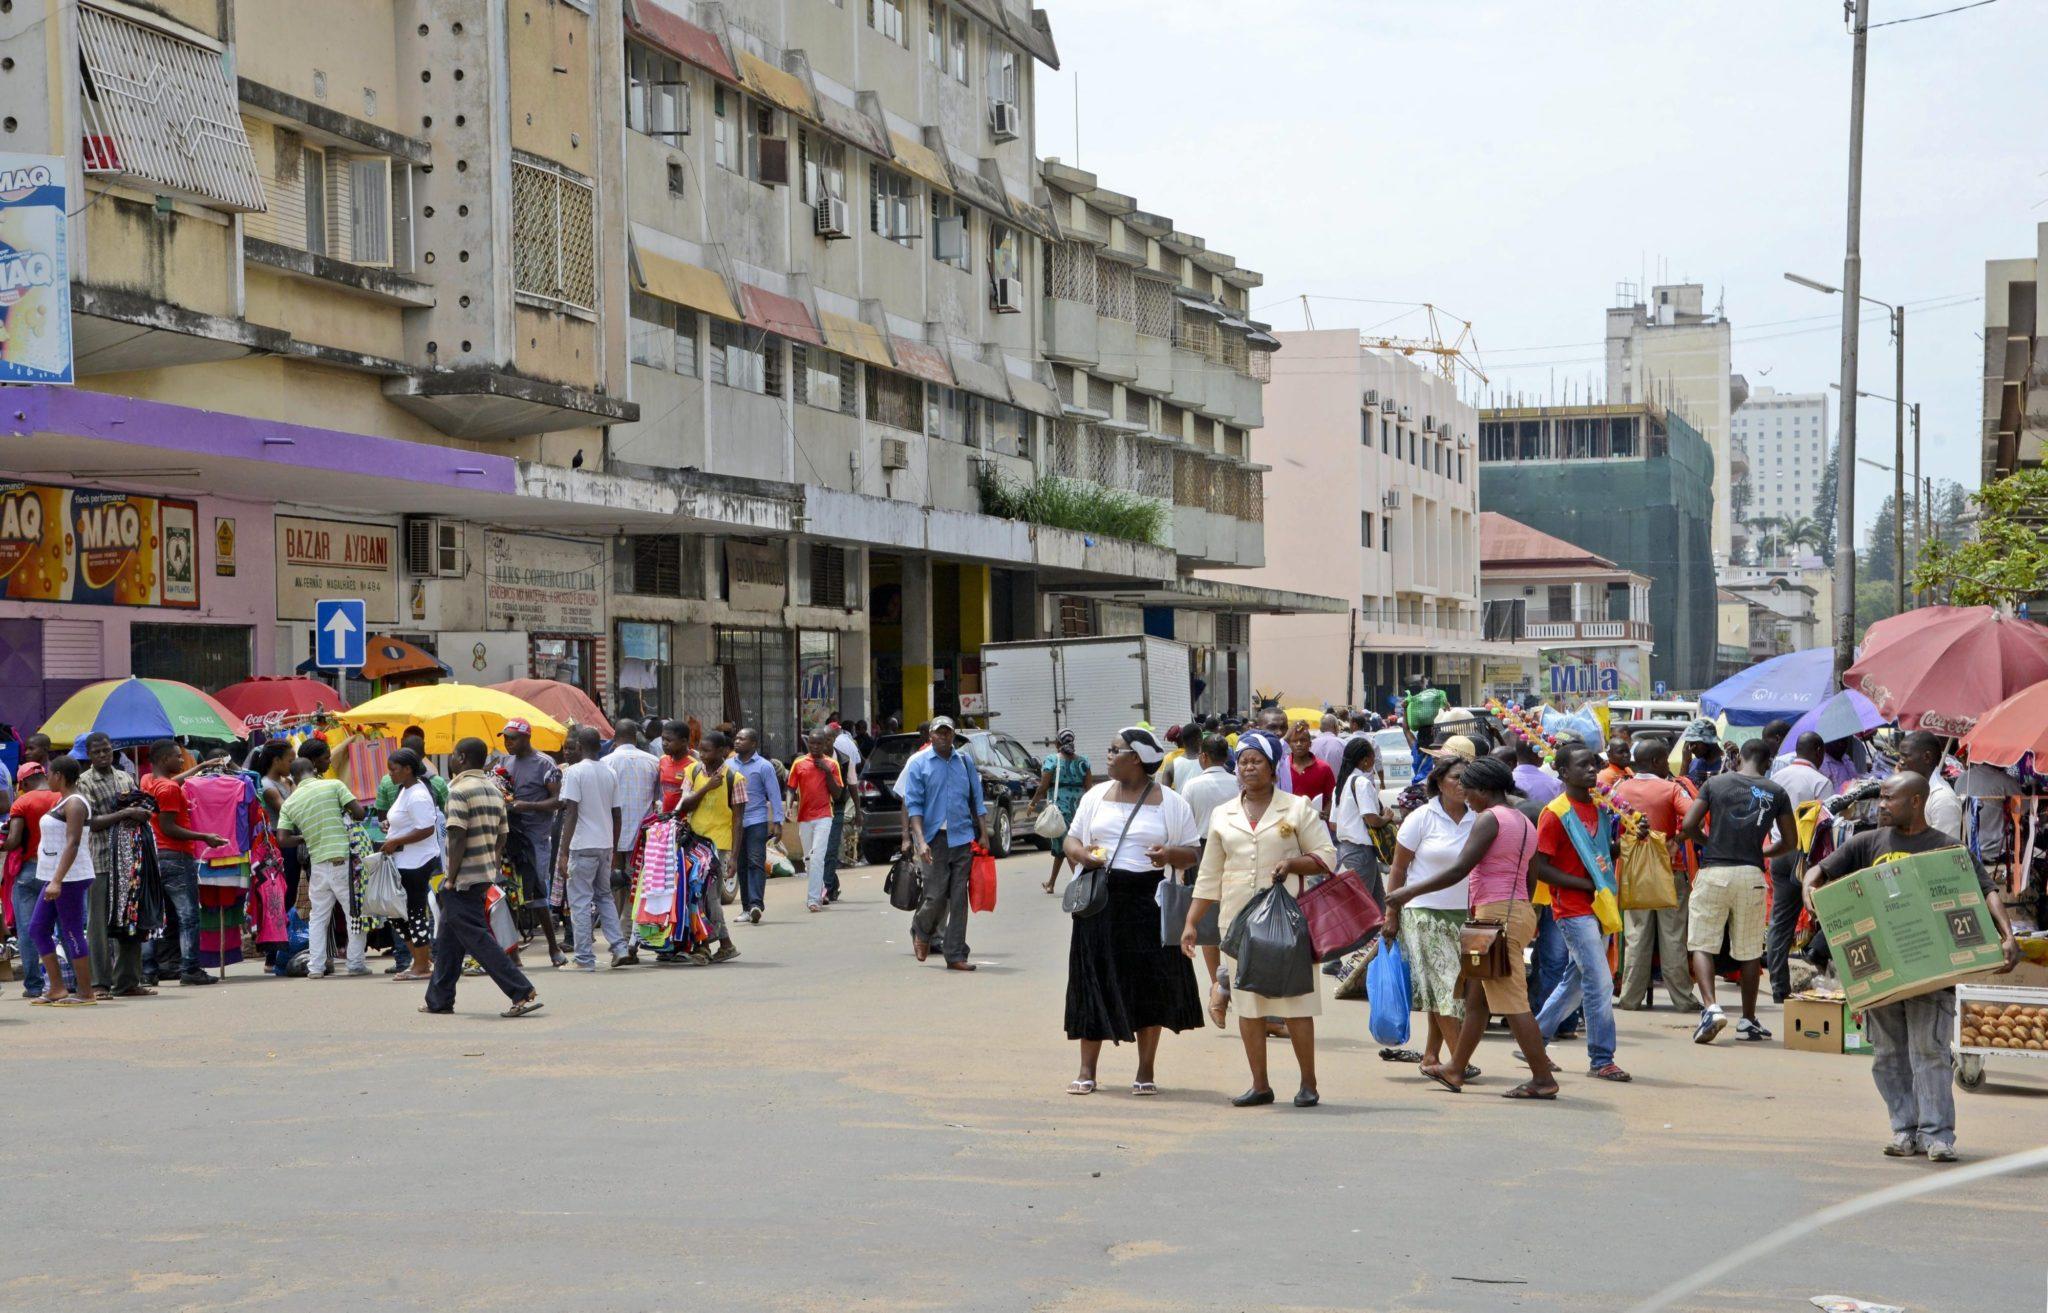 Covid-19 | Cabelo da China pagava tudo, agora Hélder desespera na baixa de Maputo